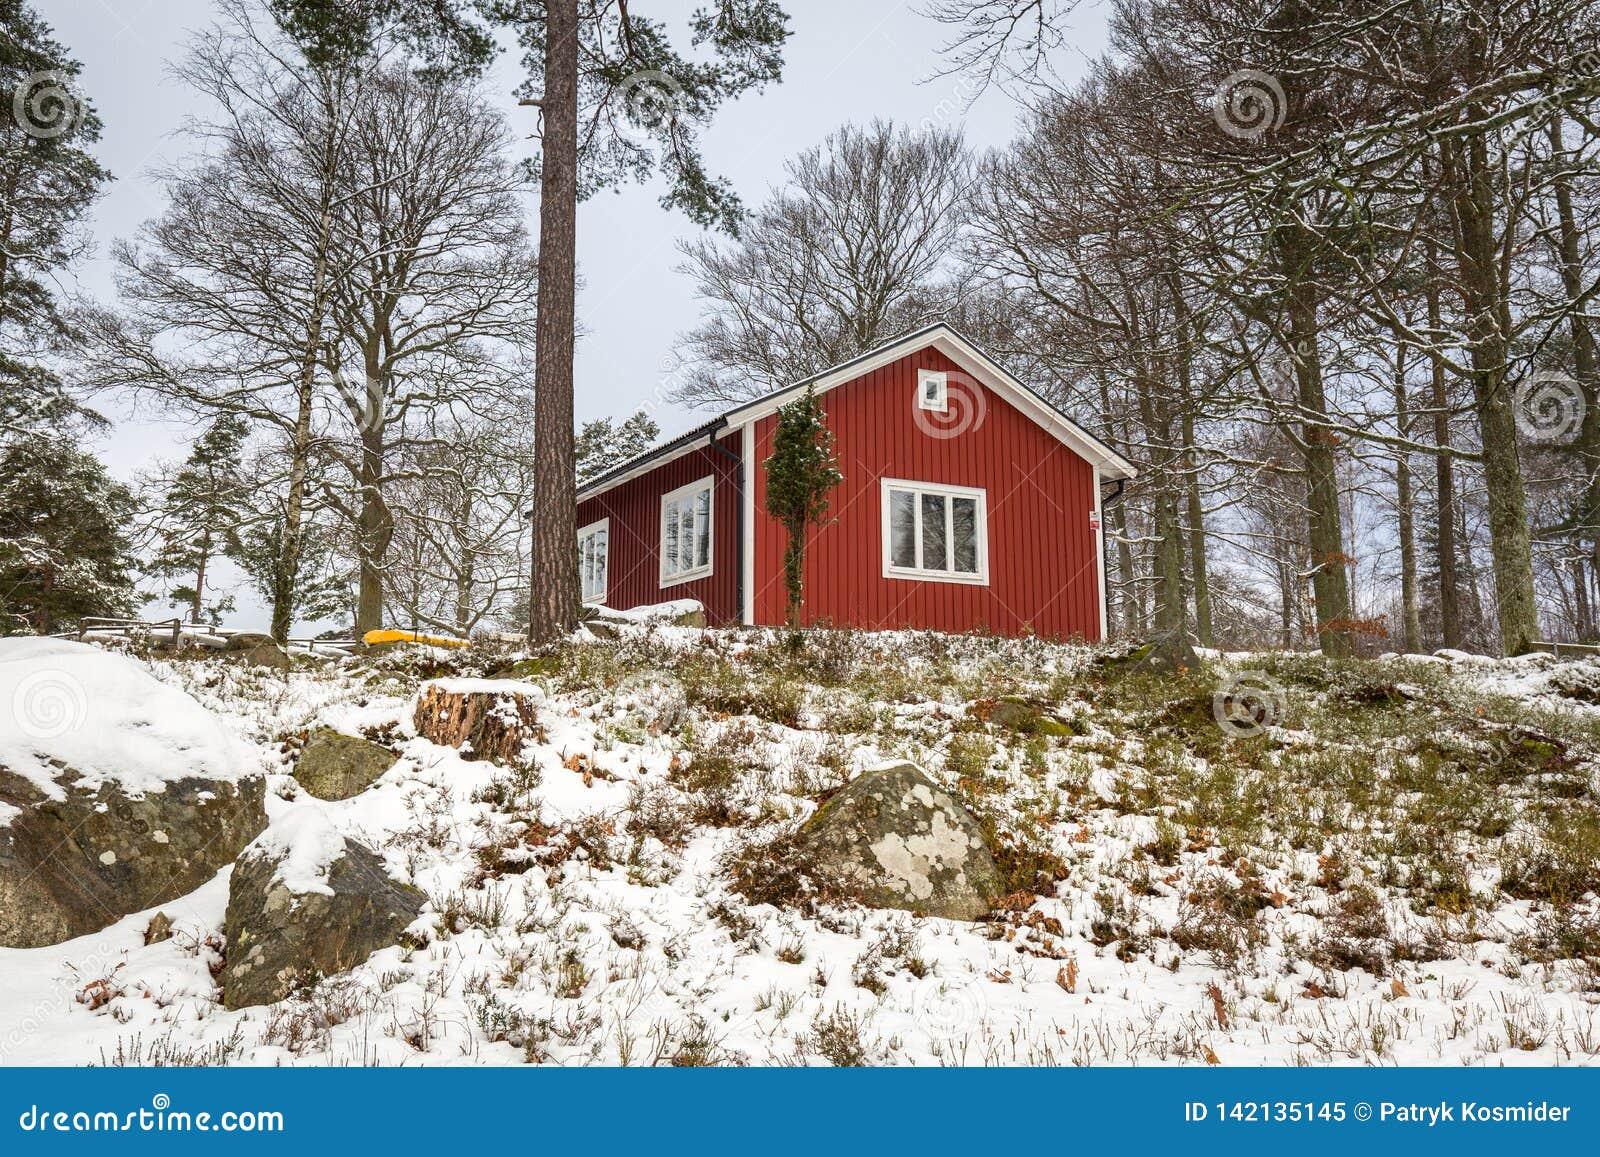 La Maison De La Suede paysage d'hiver de milou avec la maison en bois rouge dans